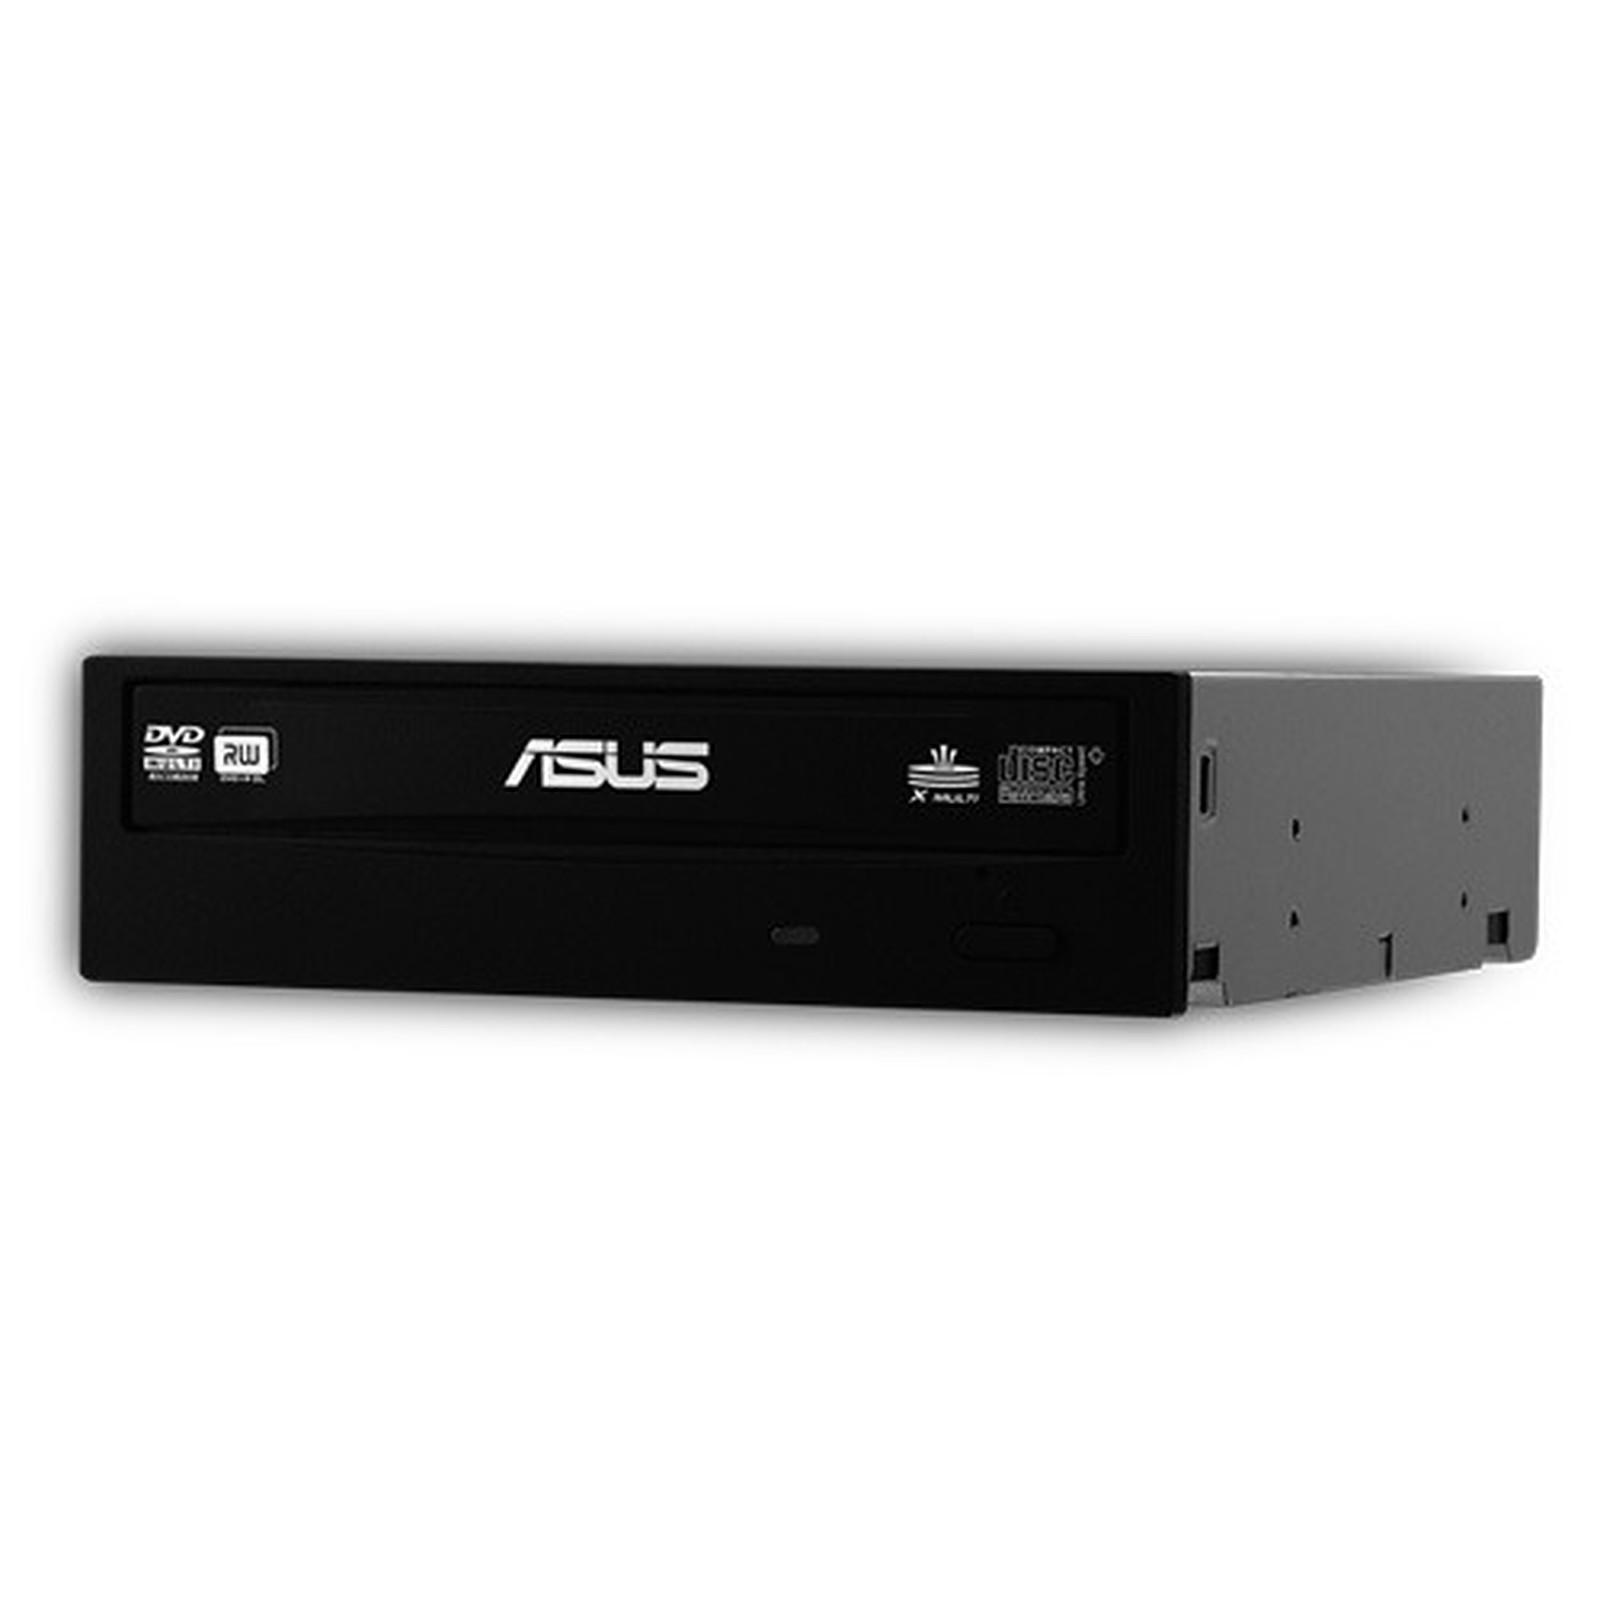 ASUS DRW-24B3ST